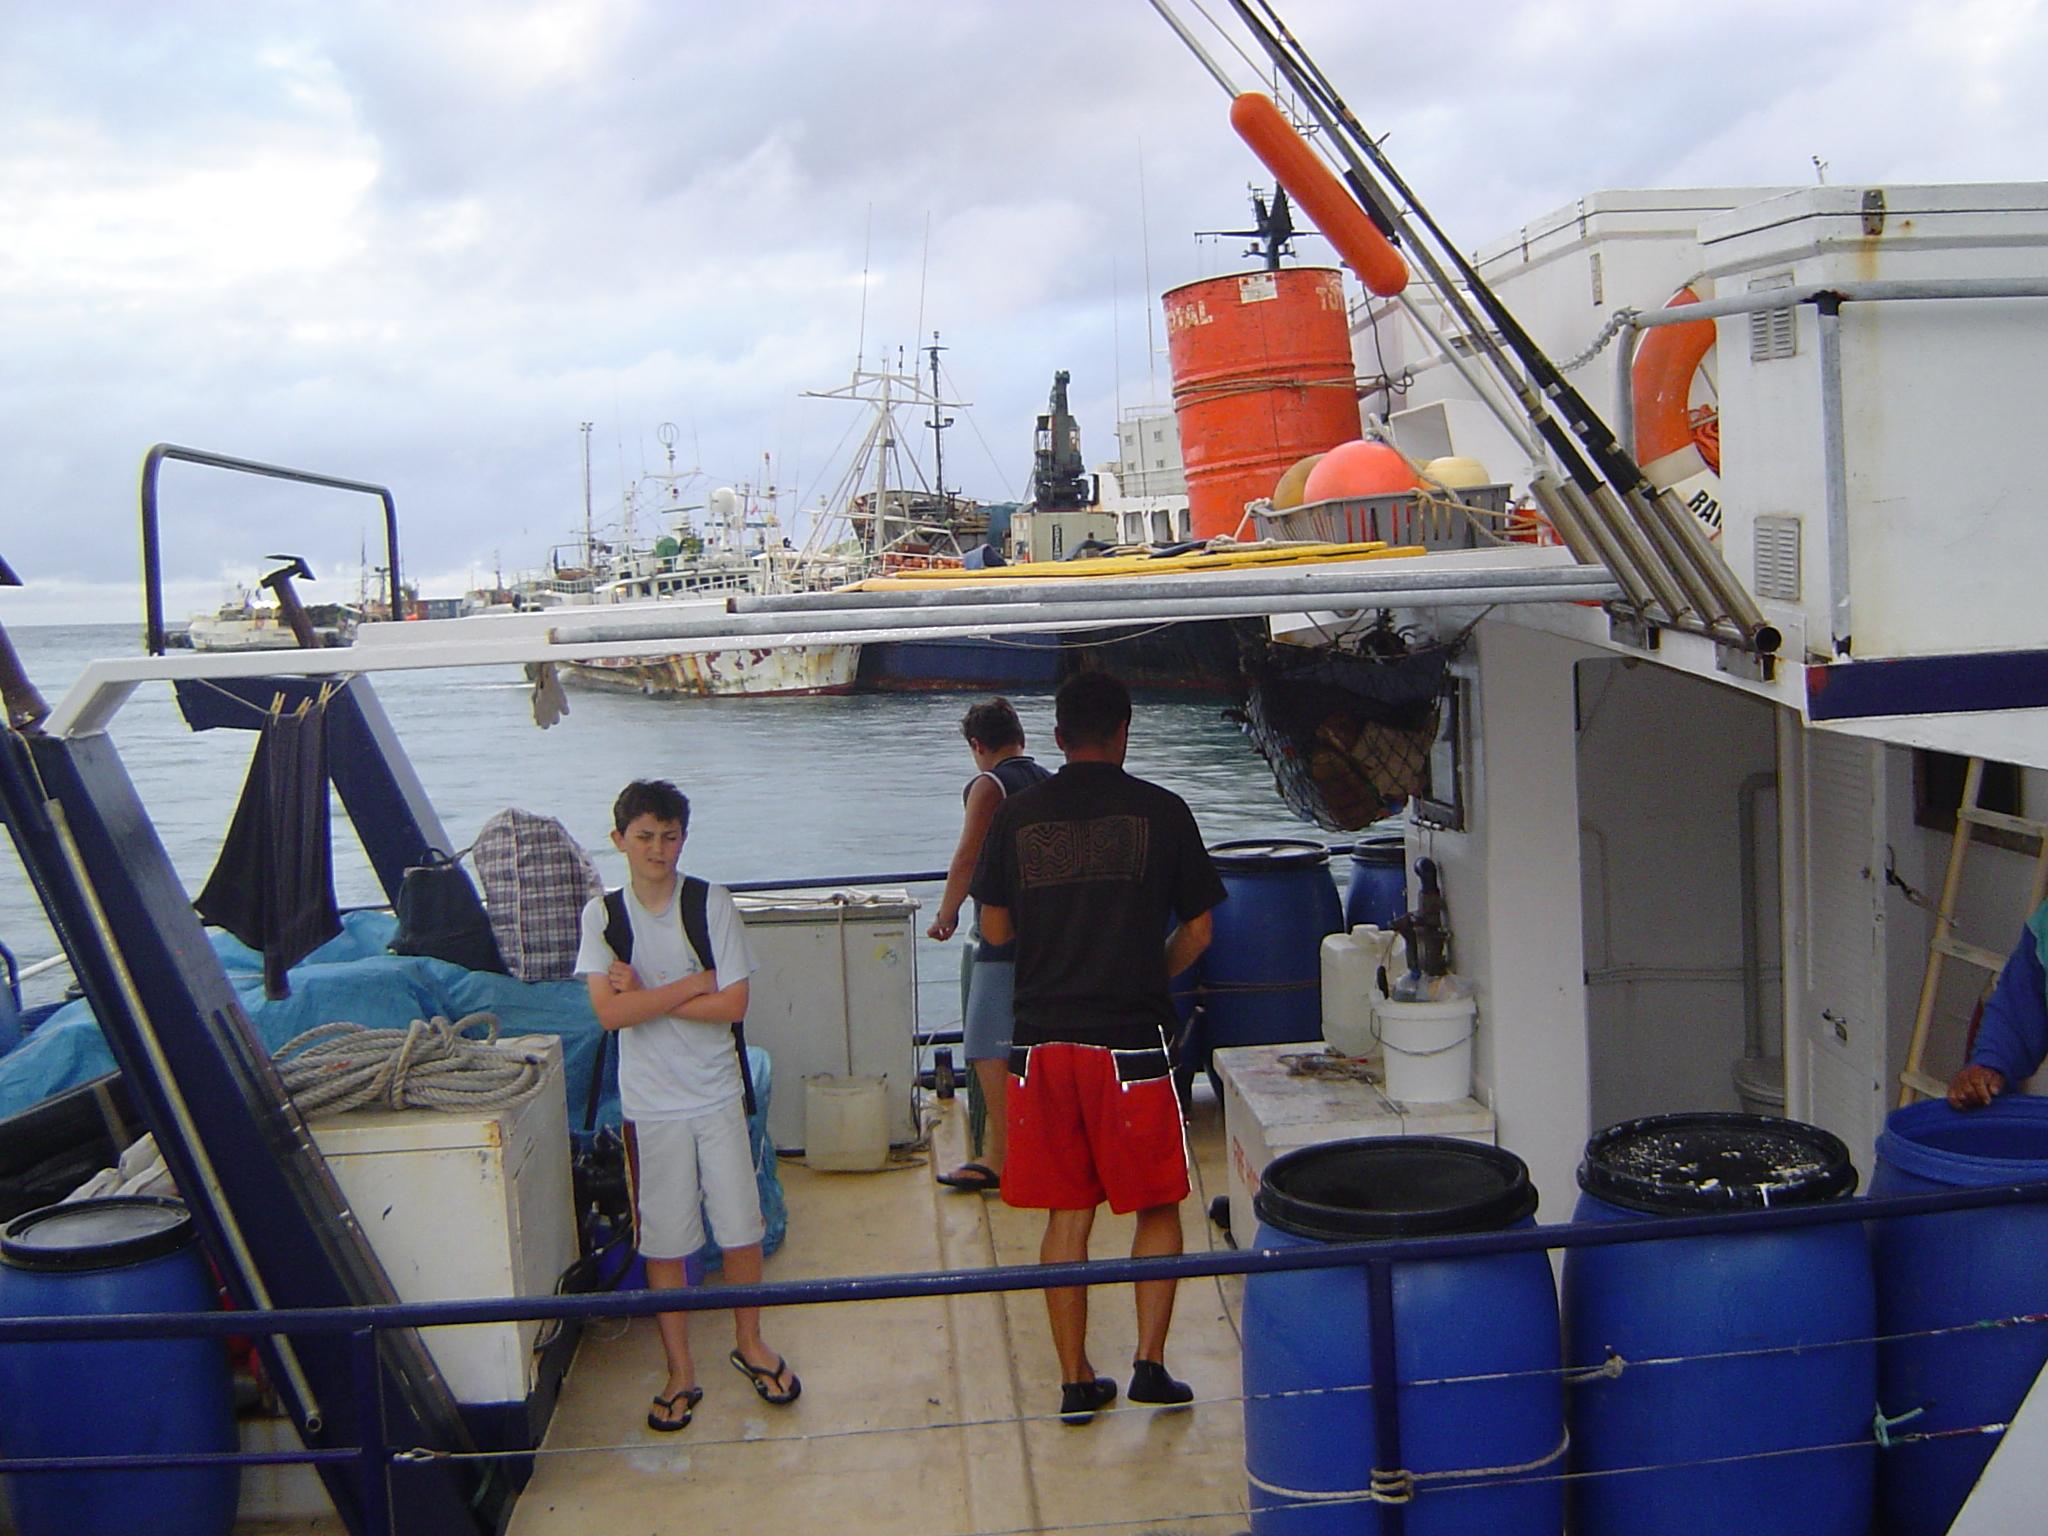 Finally back on Rarotonga